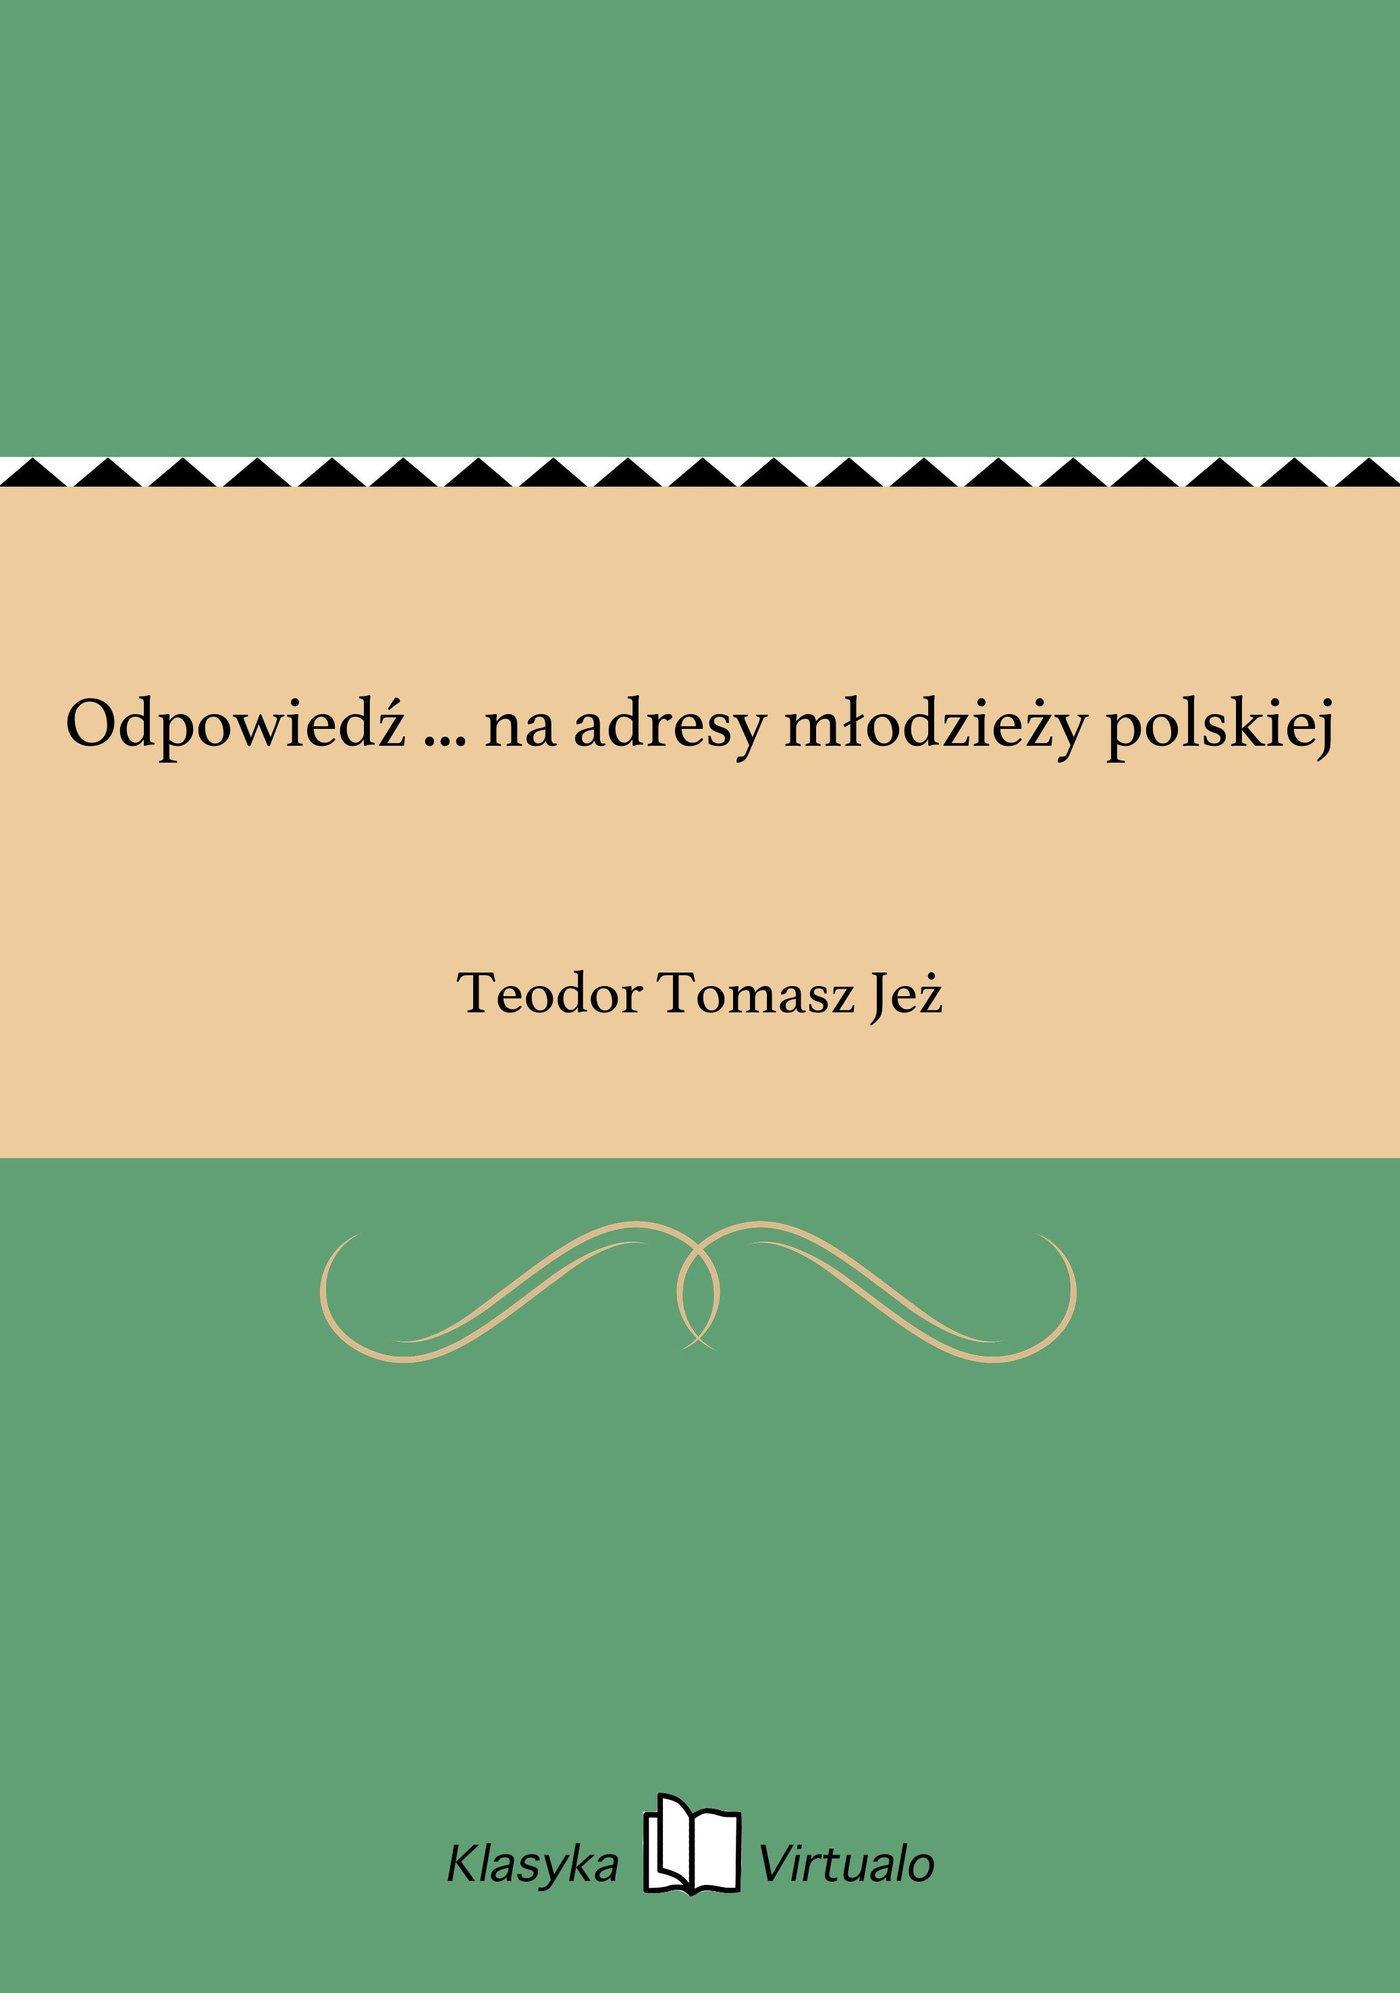 Odpowiedź ... na adresy młodzieży polskiej - Ebook (Książka EPUB) do pobrania w formacie EPUB